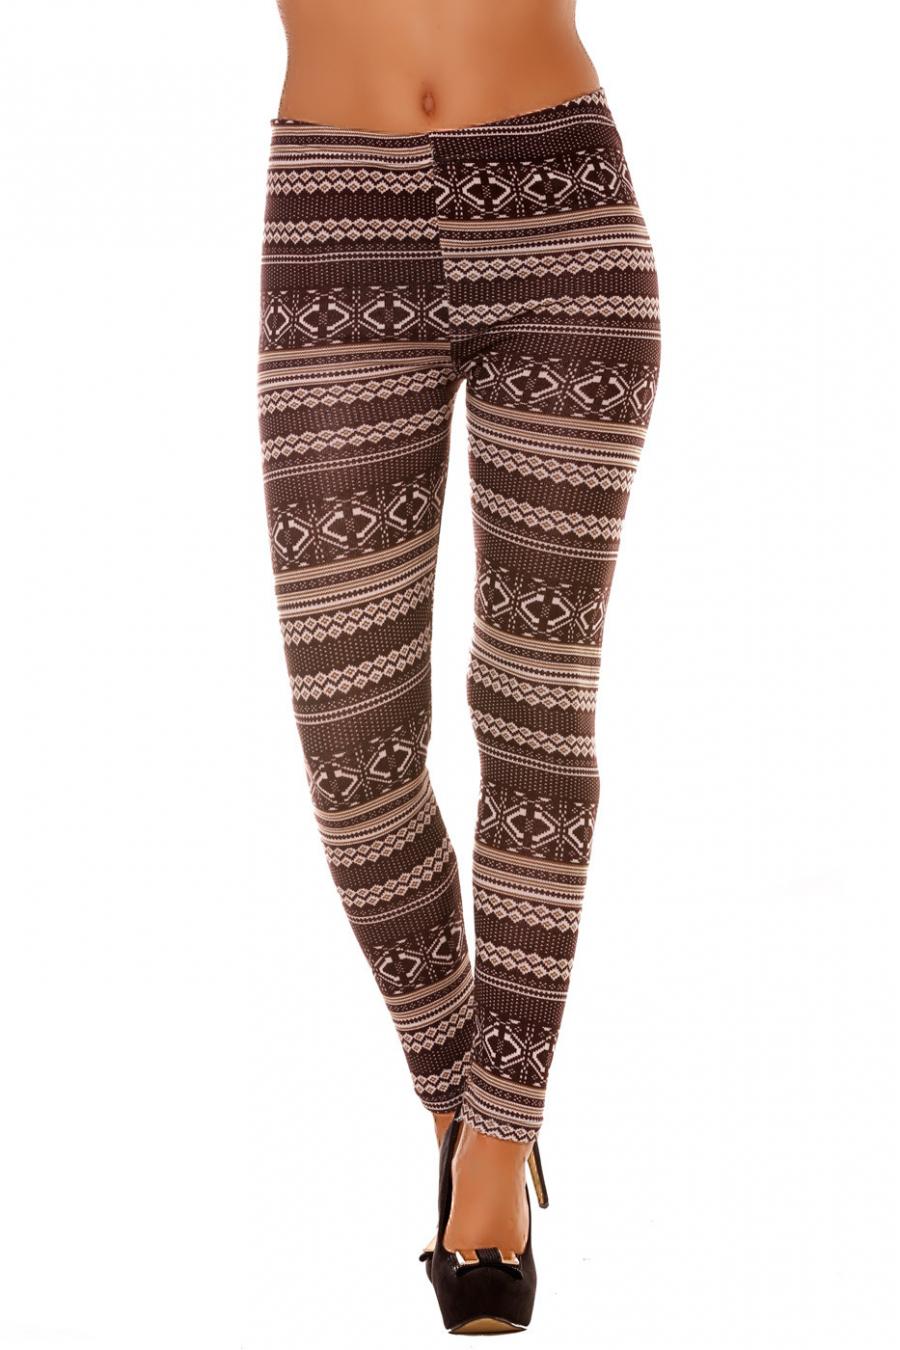 Leggings d'hiver coloré en Choco et motifs fantaisie. Mode Tendance. 107-3